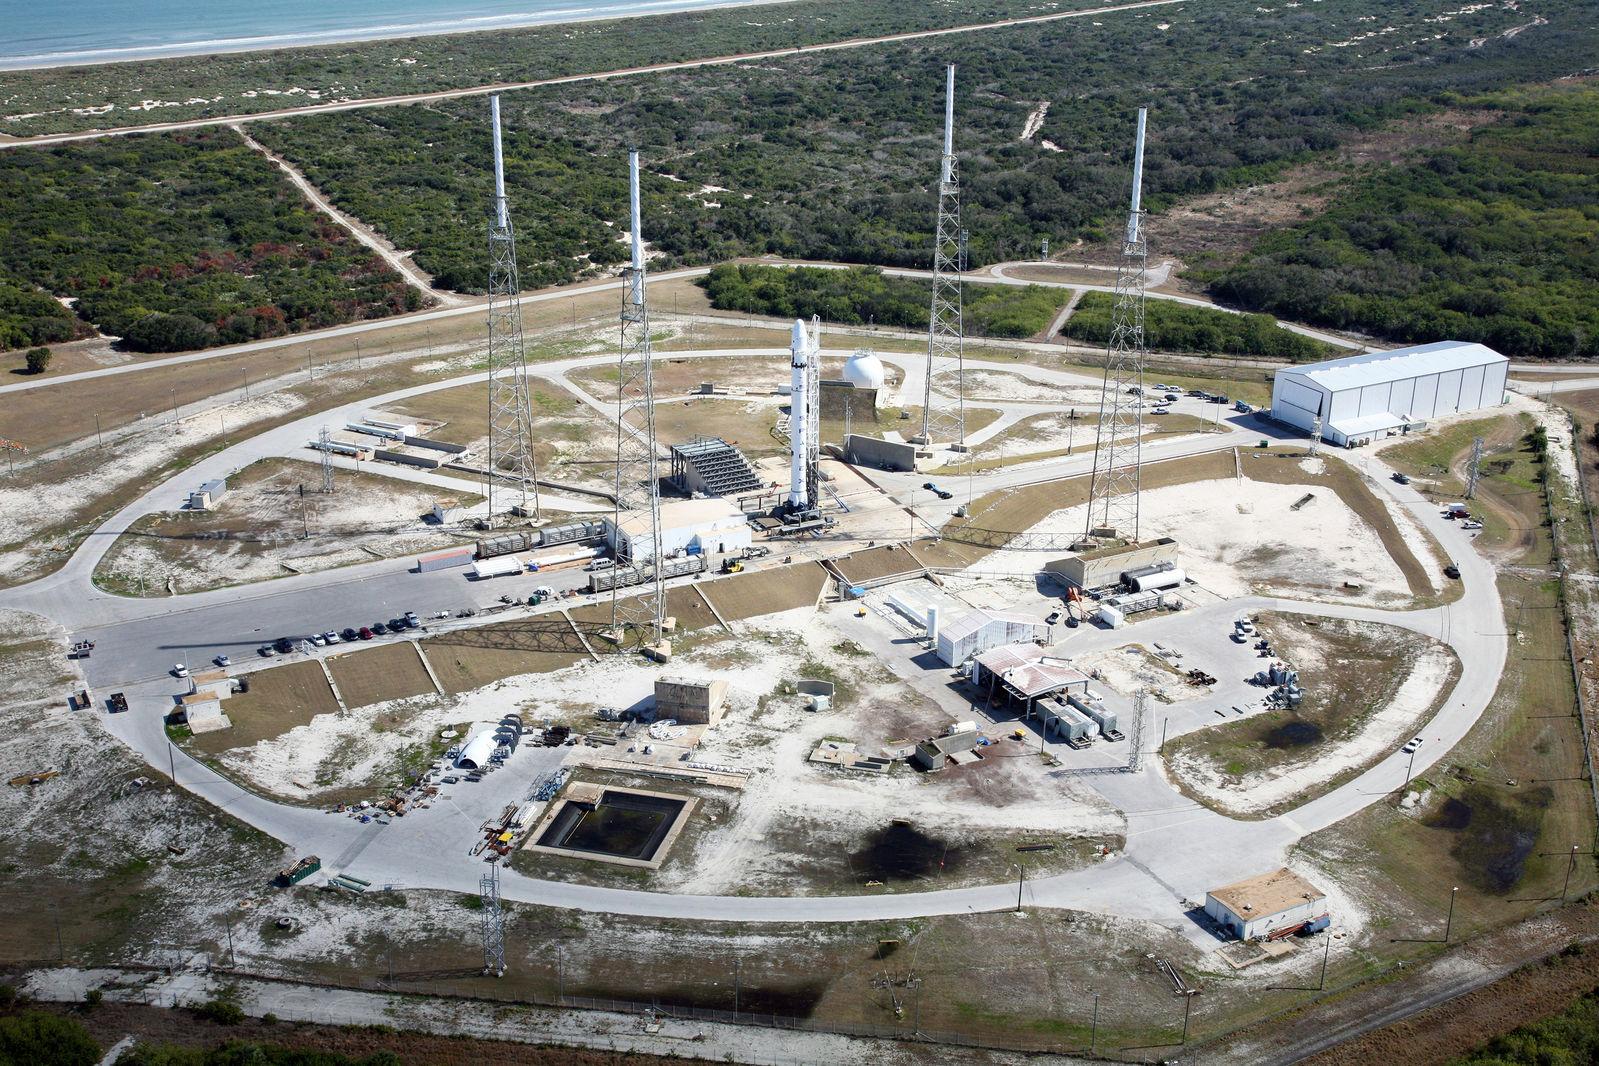 5 лет назад SpaceX удалось посадить ступень ракеты на плавучую платформу, и это изменило космонавтику навсегда - 2